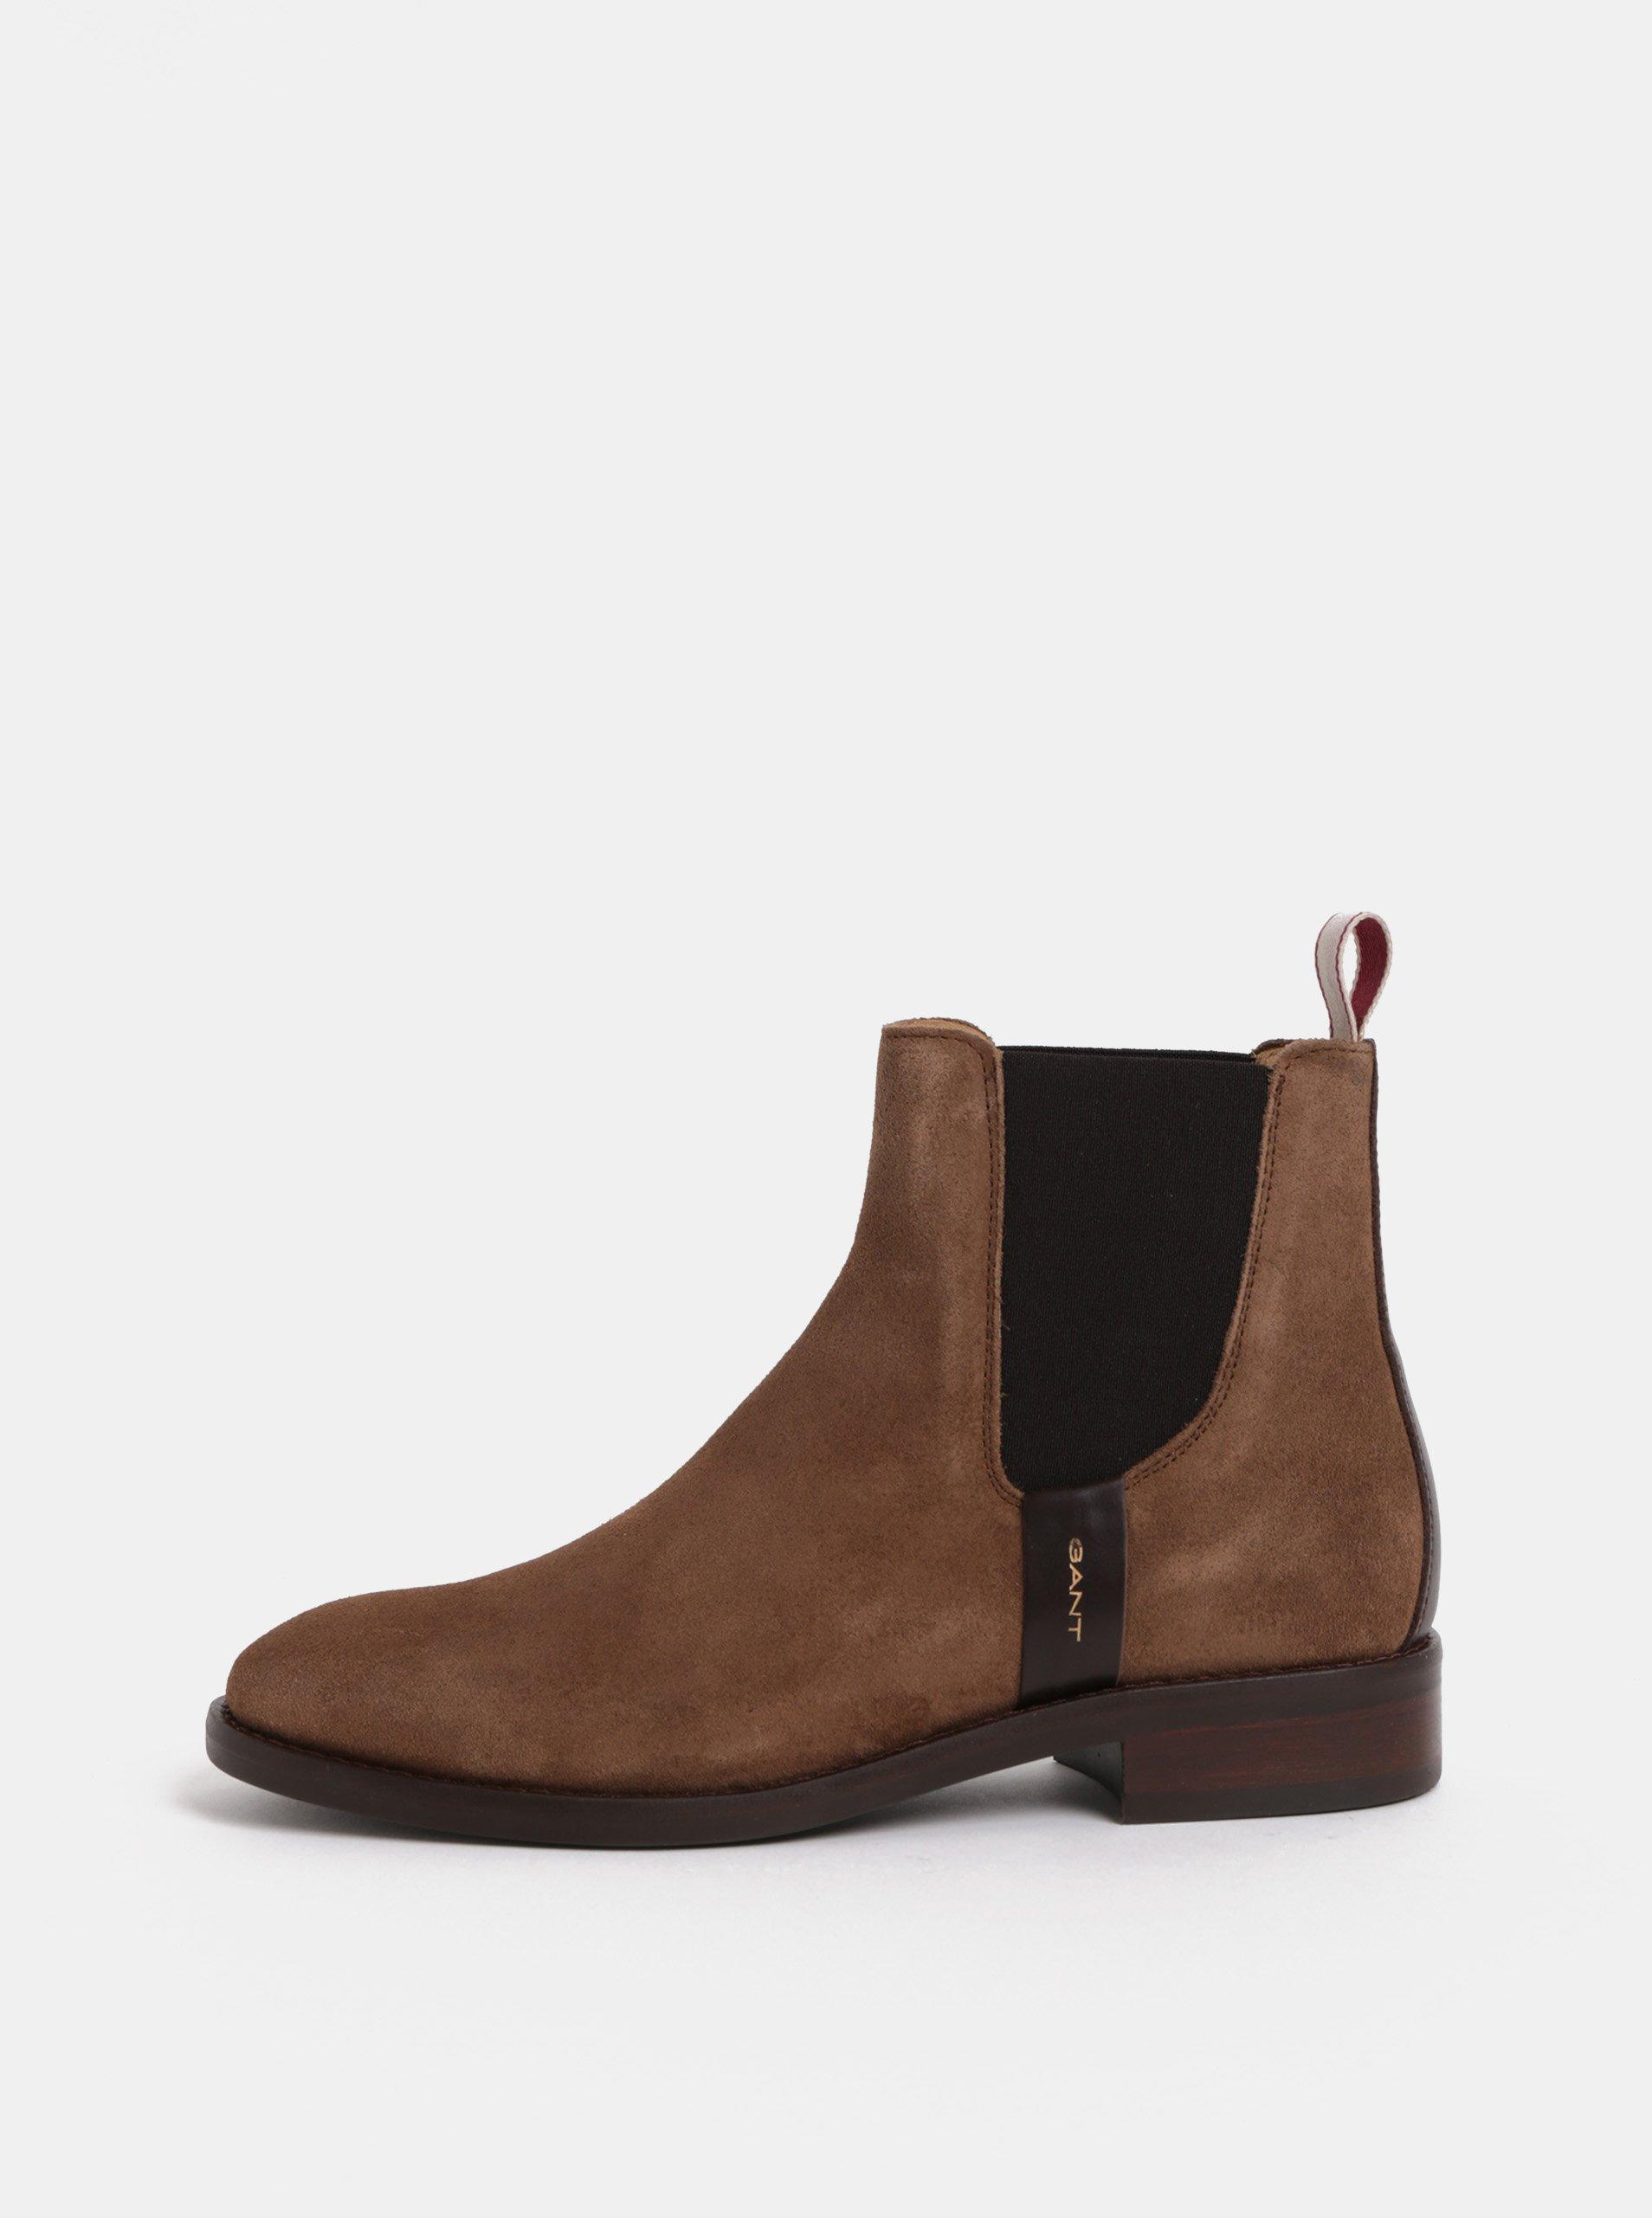 cc1c05b2df89 Hnedé dámske semišové chelsea topánky GANT